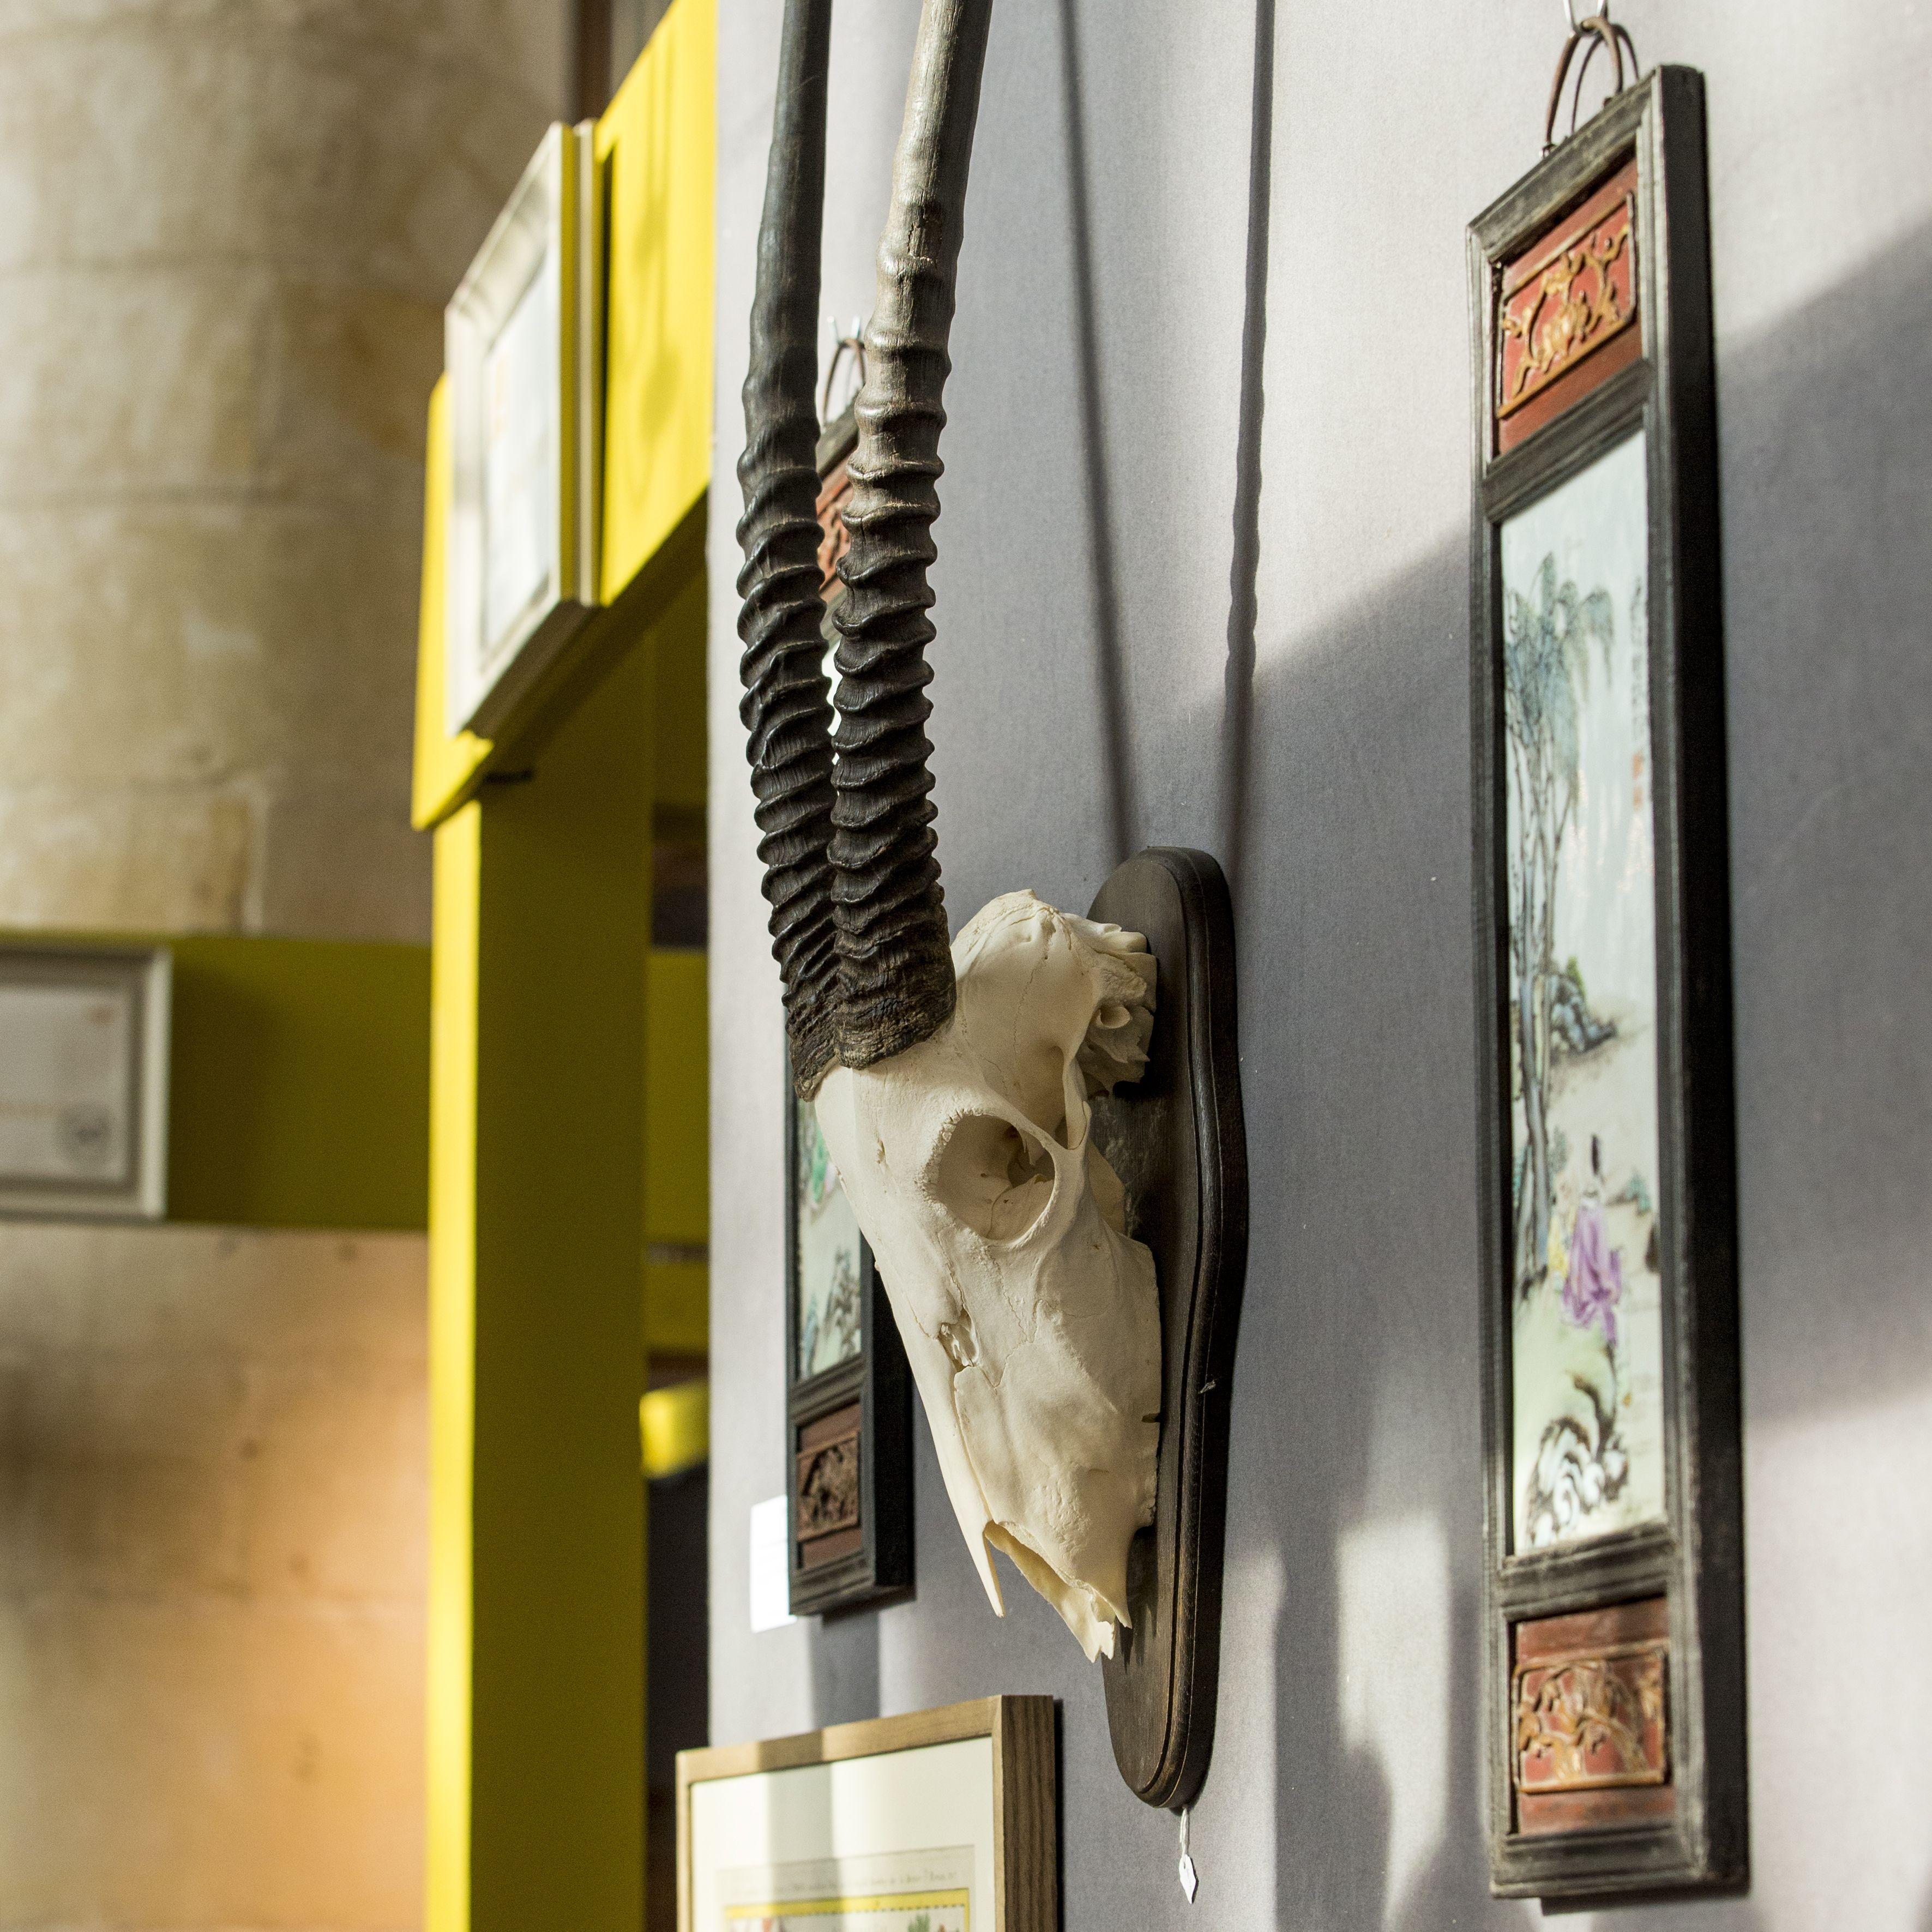 Impressie 20ste editie Kunst & Antiek Weekend! #kunst #antiek #art #antiques #sculptures #beelden #Naarden #20